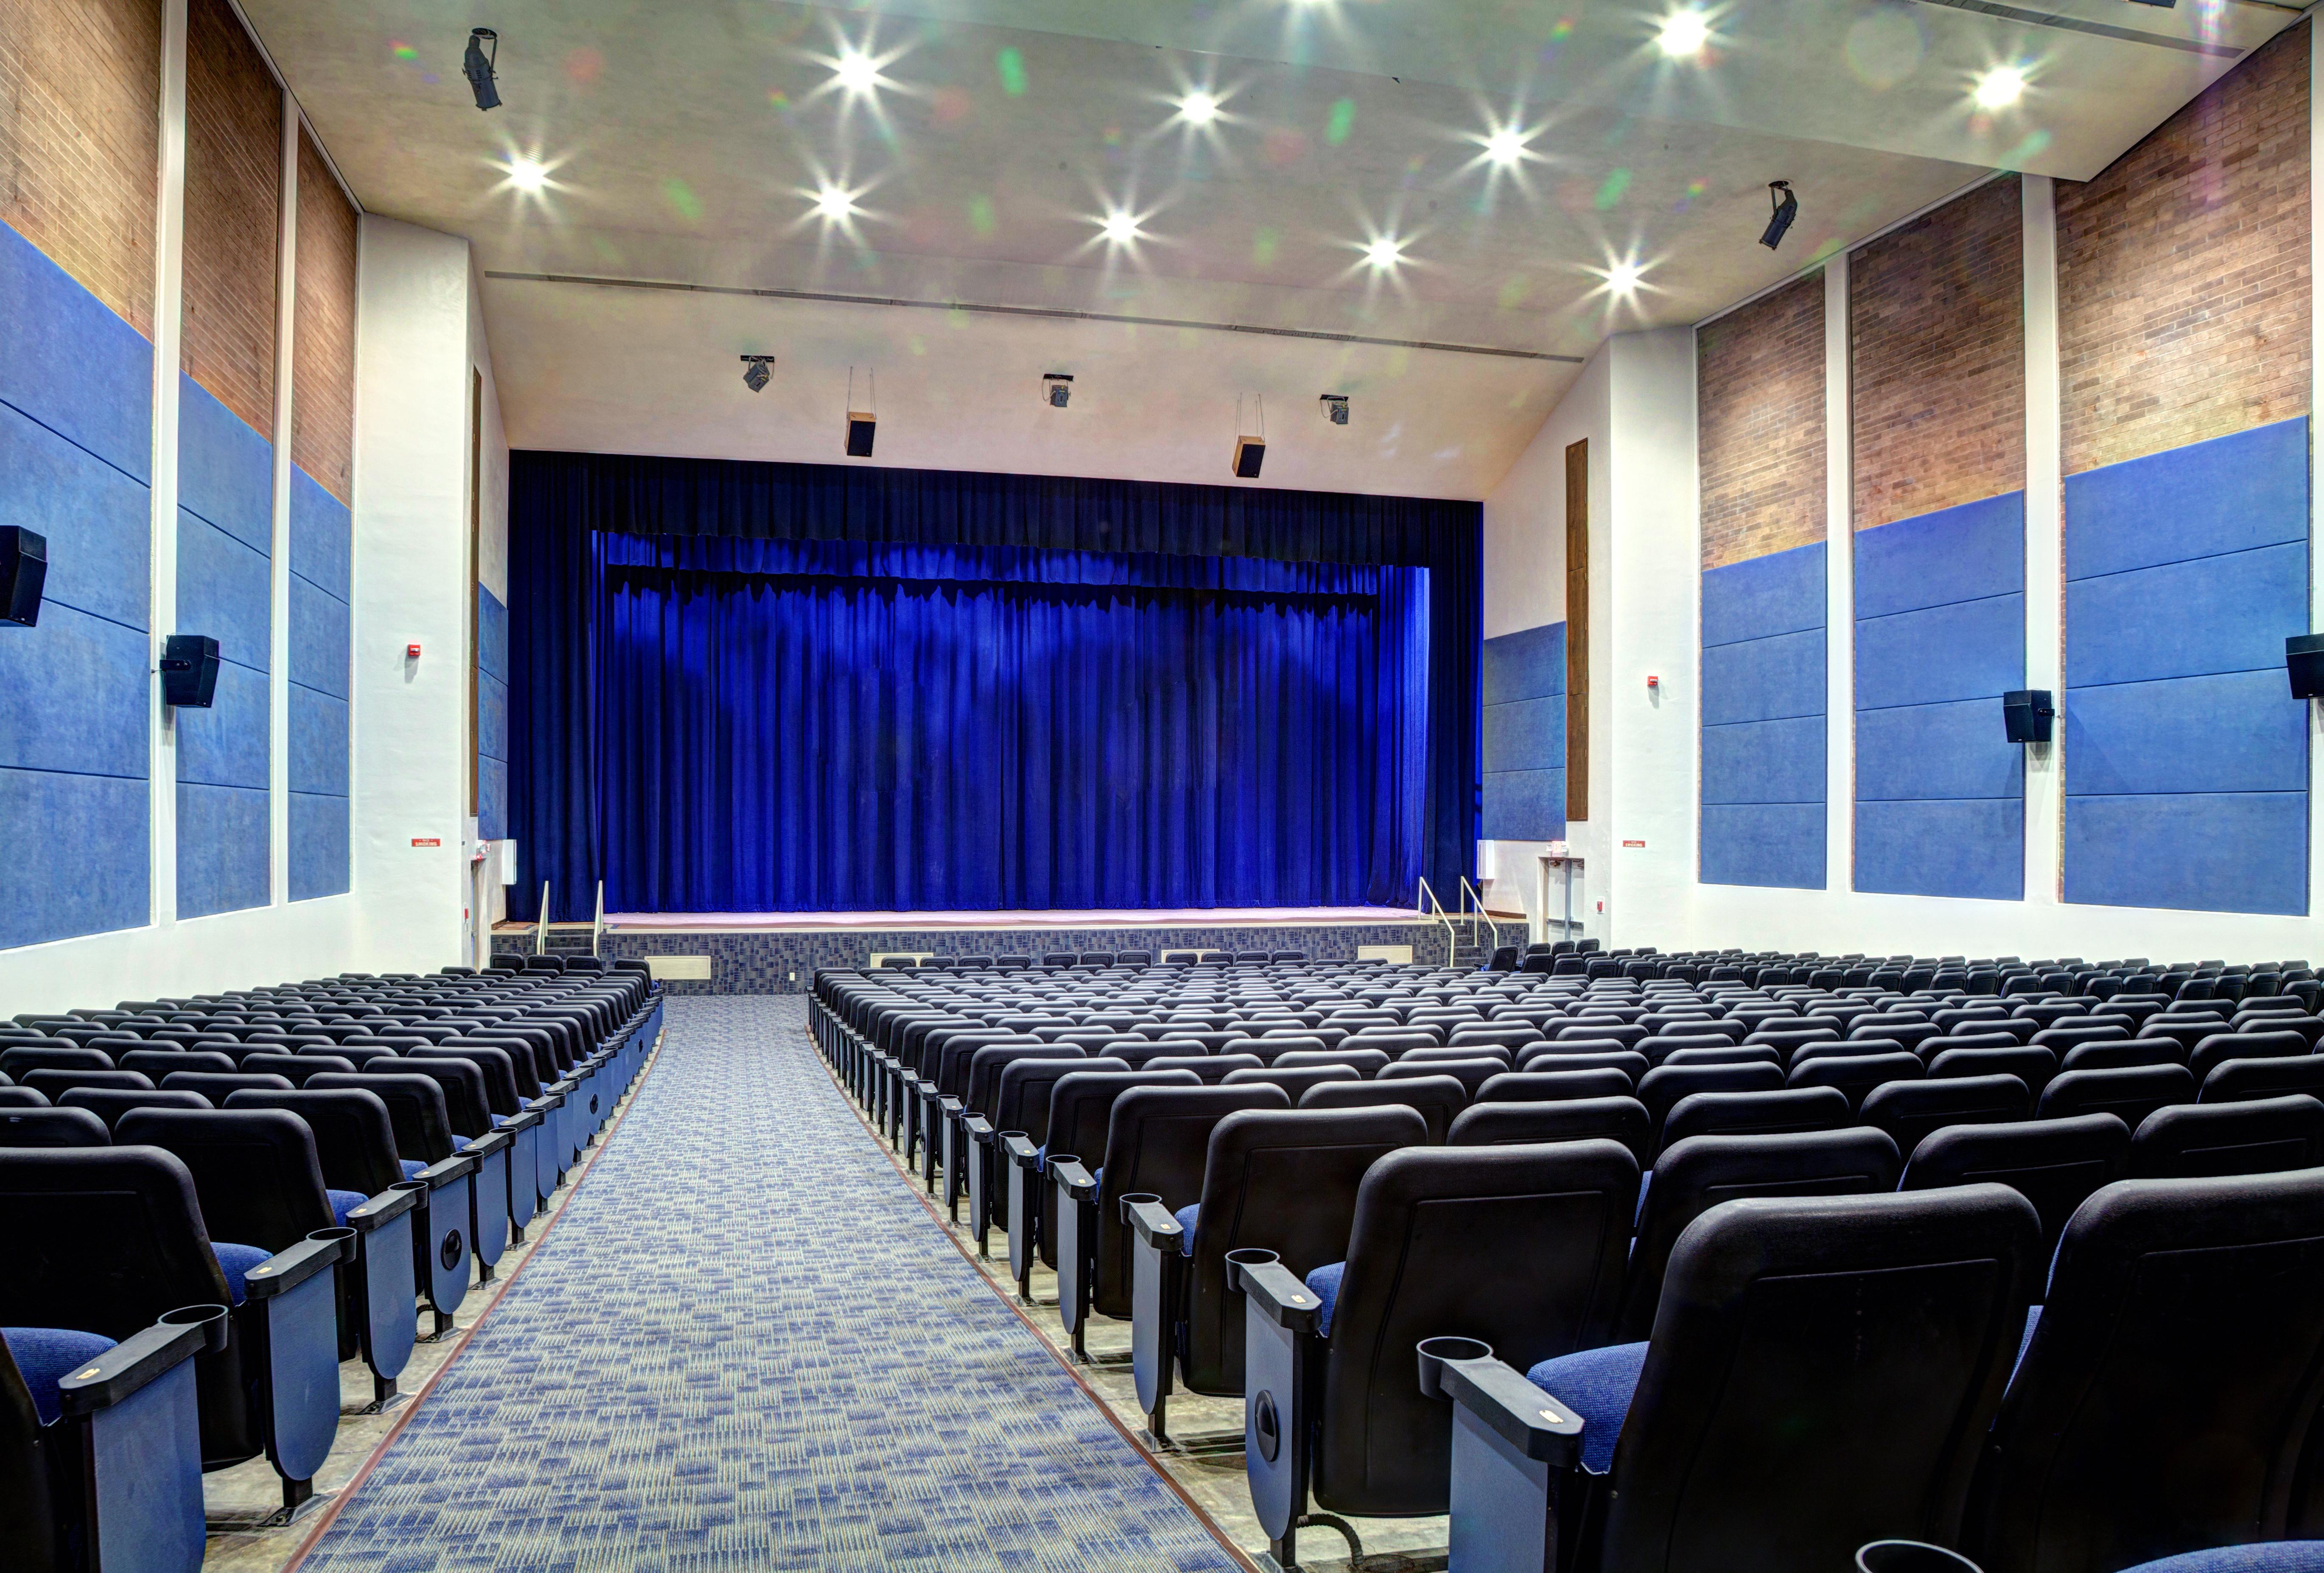 Needham Auditorium